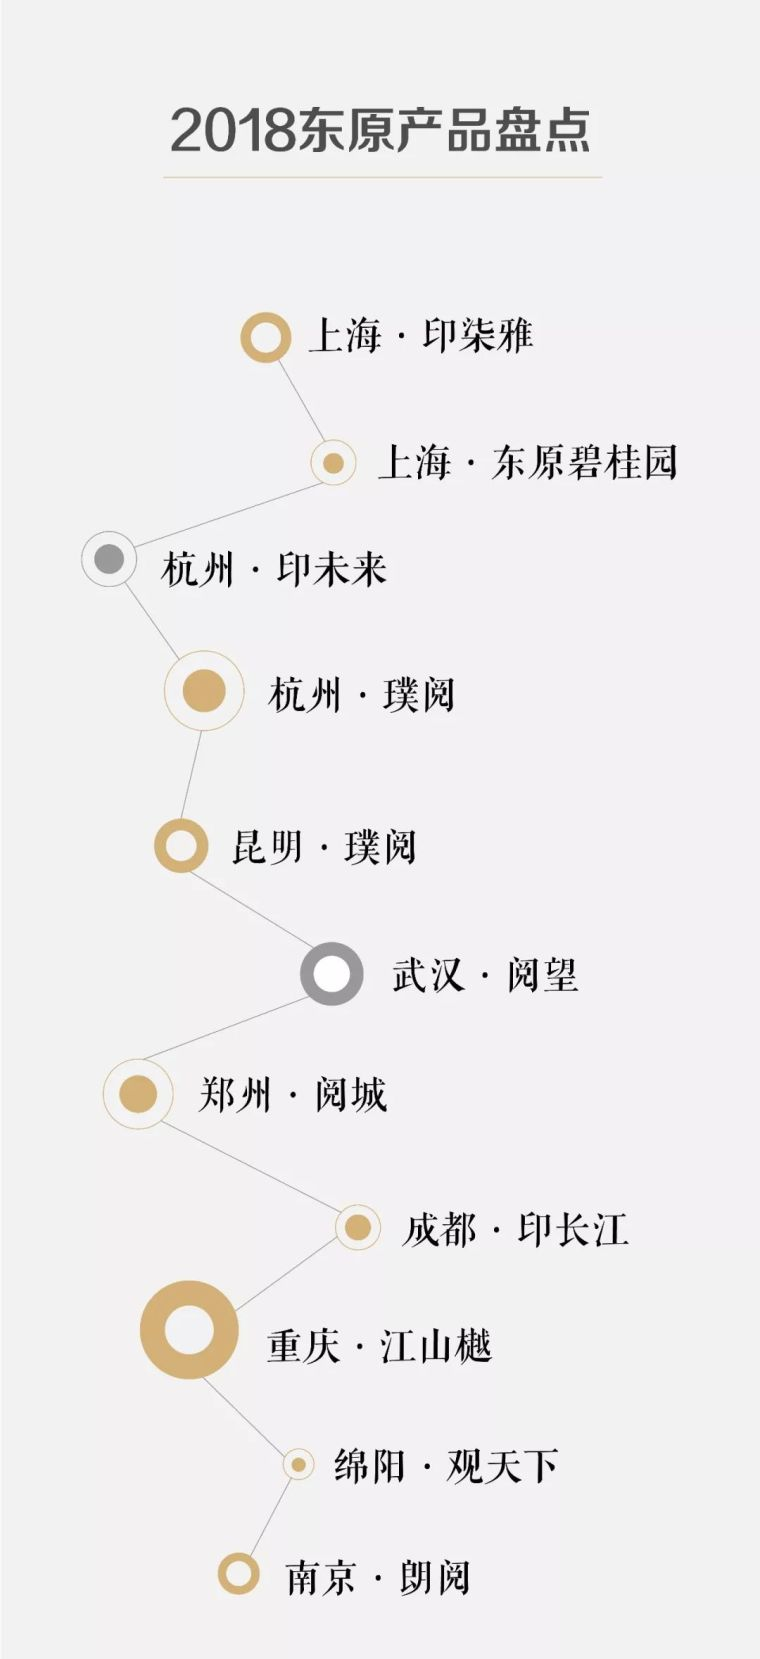 东原11个高品质项目|2018年_1